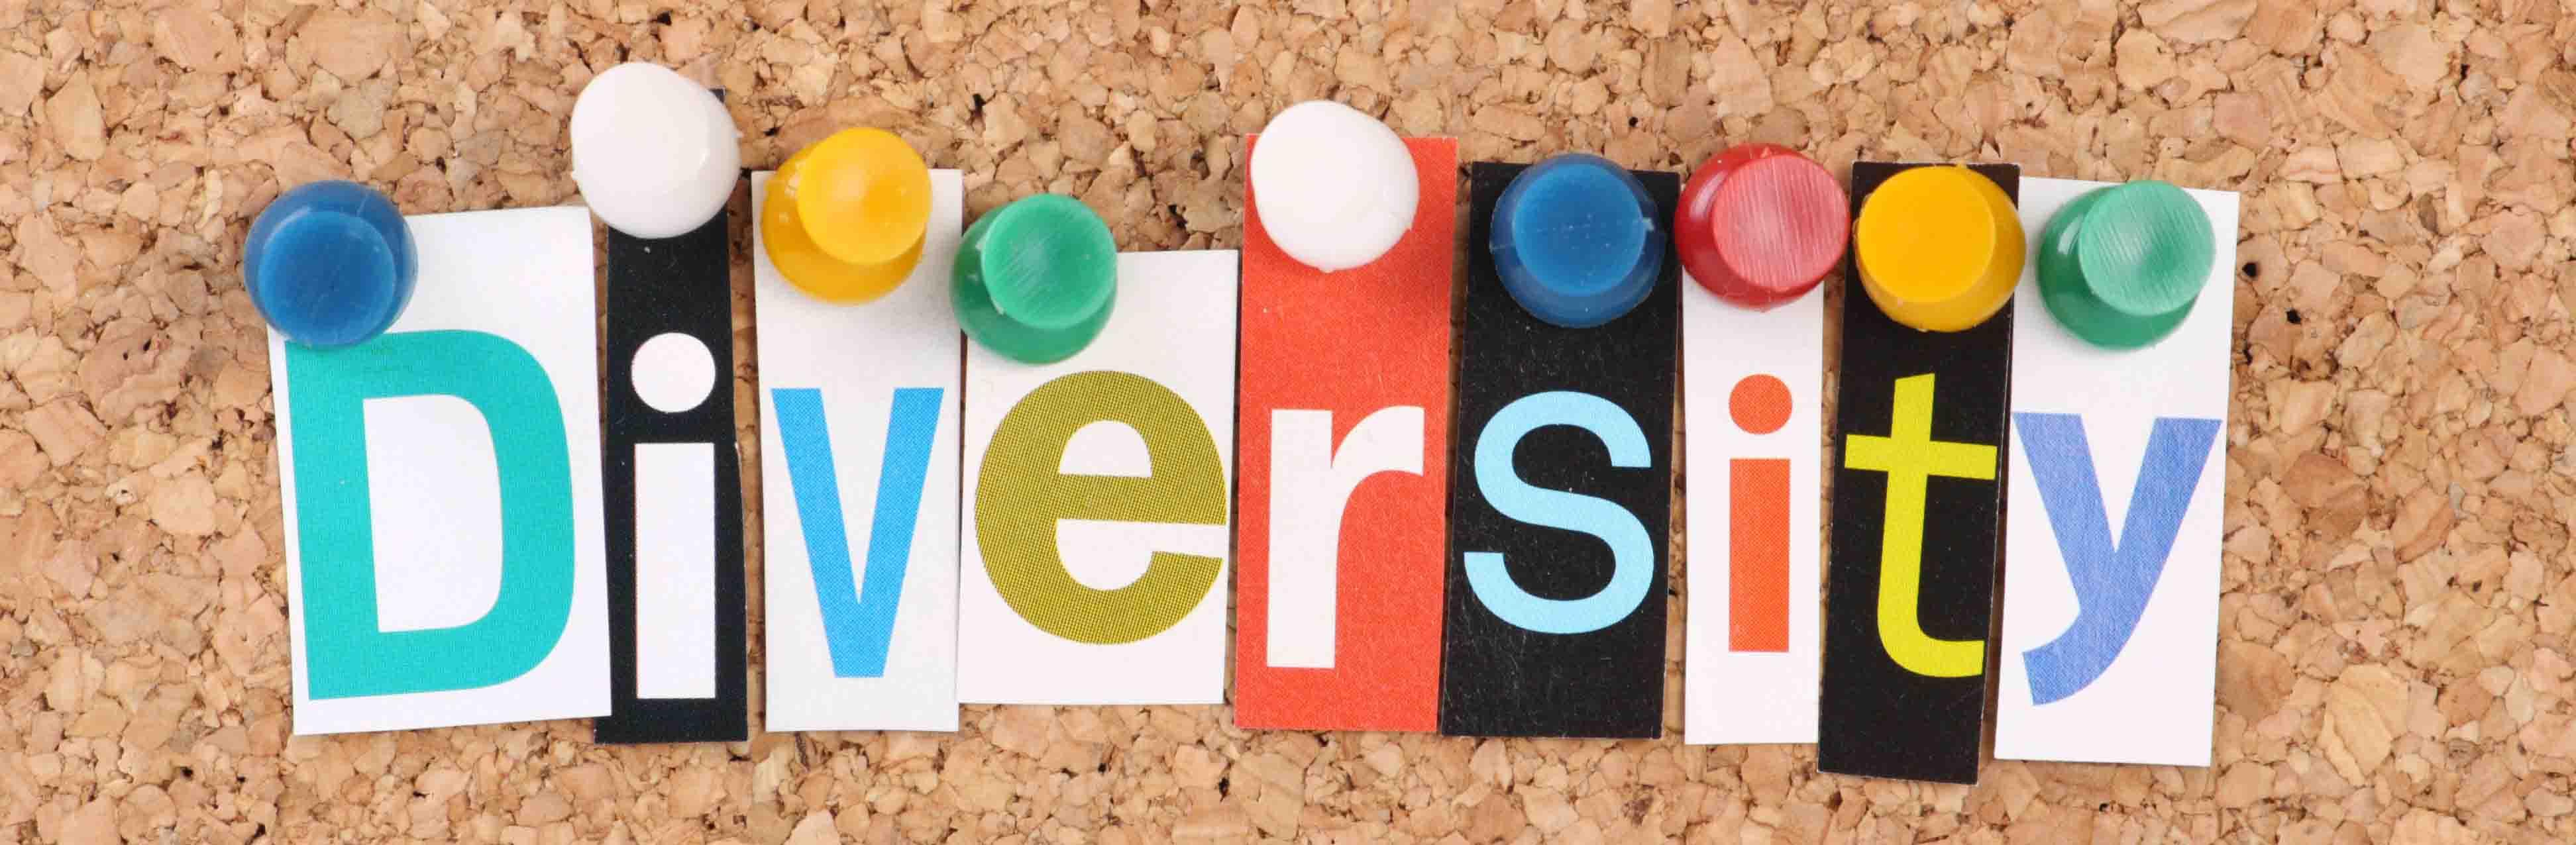 diversity in retail essay